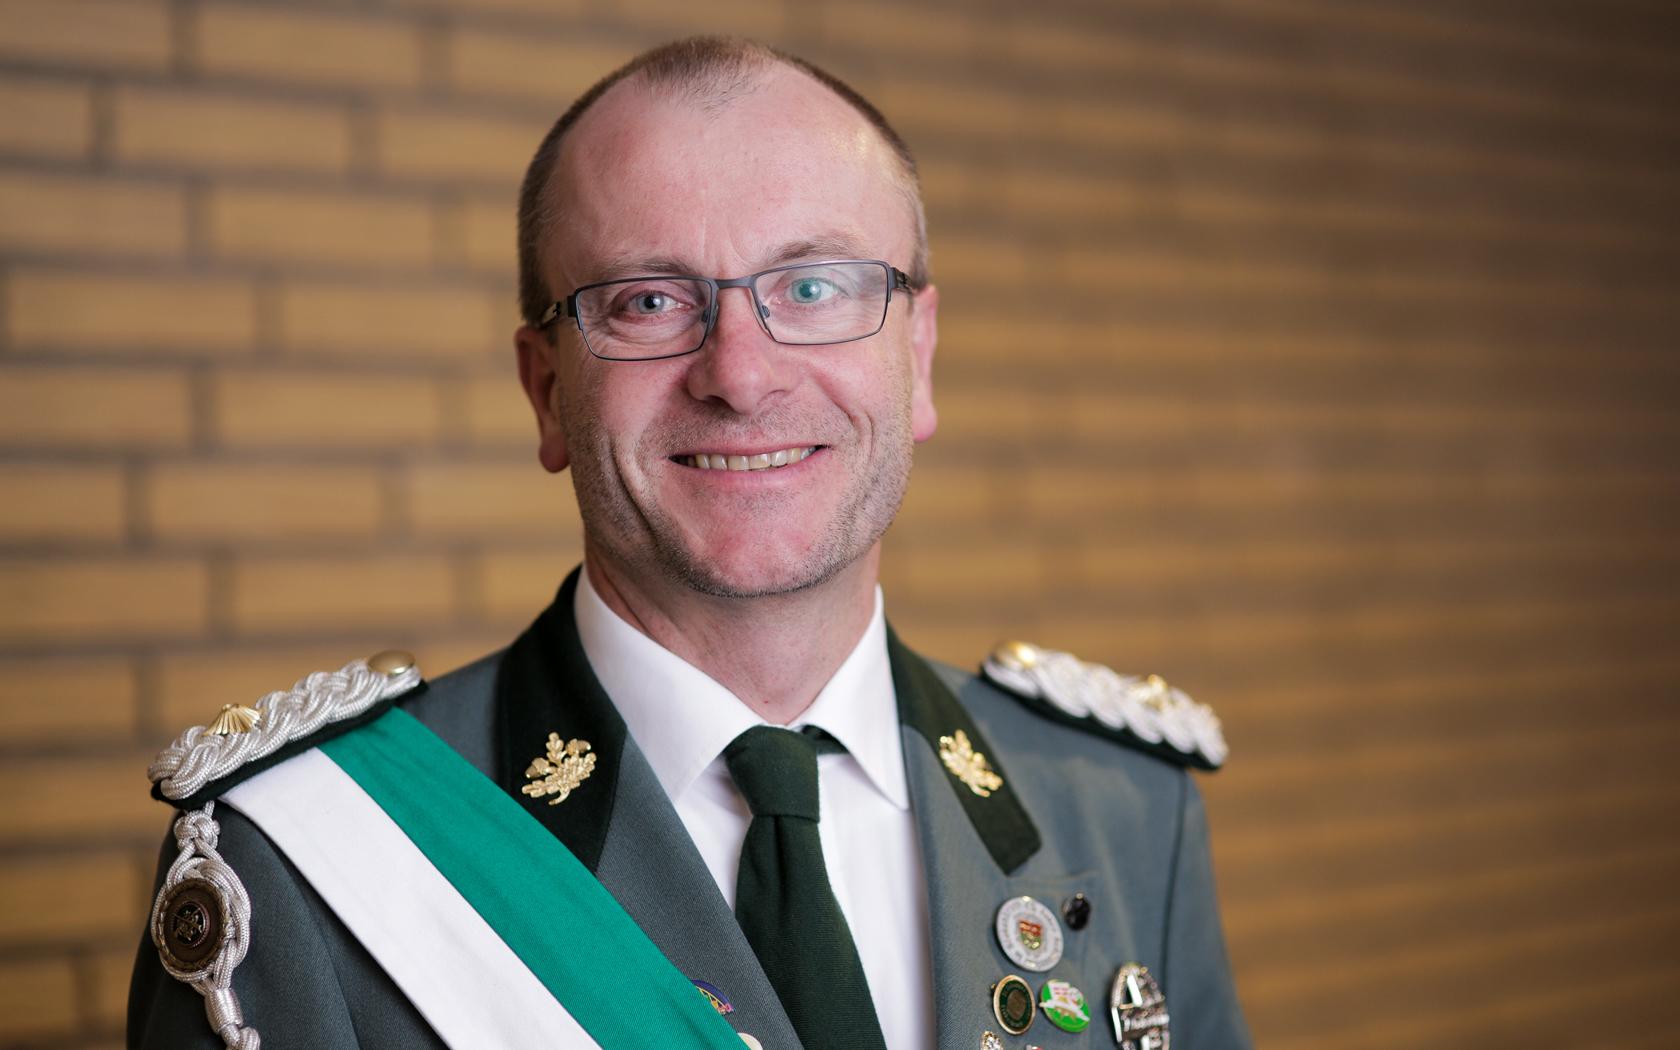 Manfred Bonensteffen